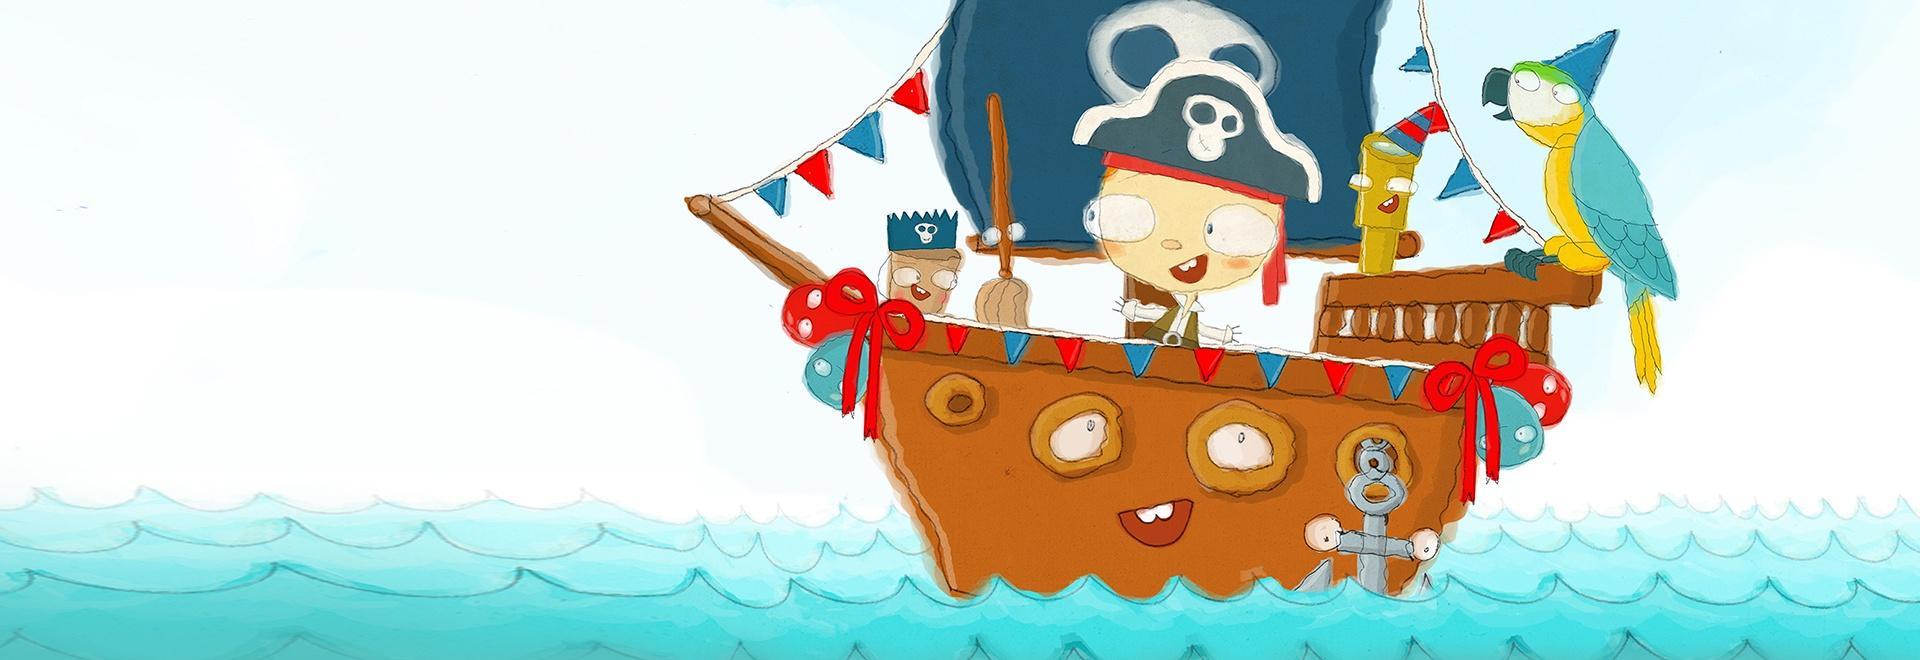 Il giorno in cui Henry incontrò... un sottomarino